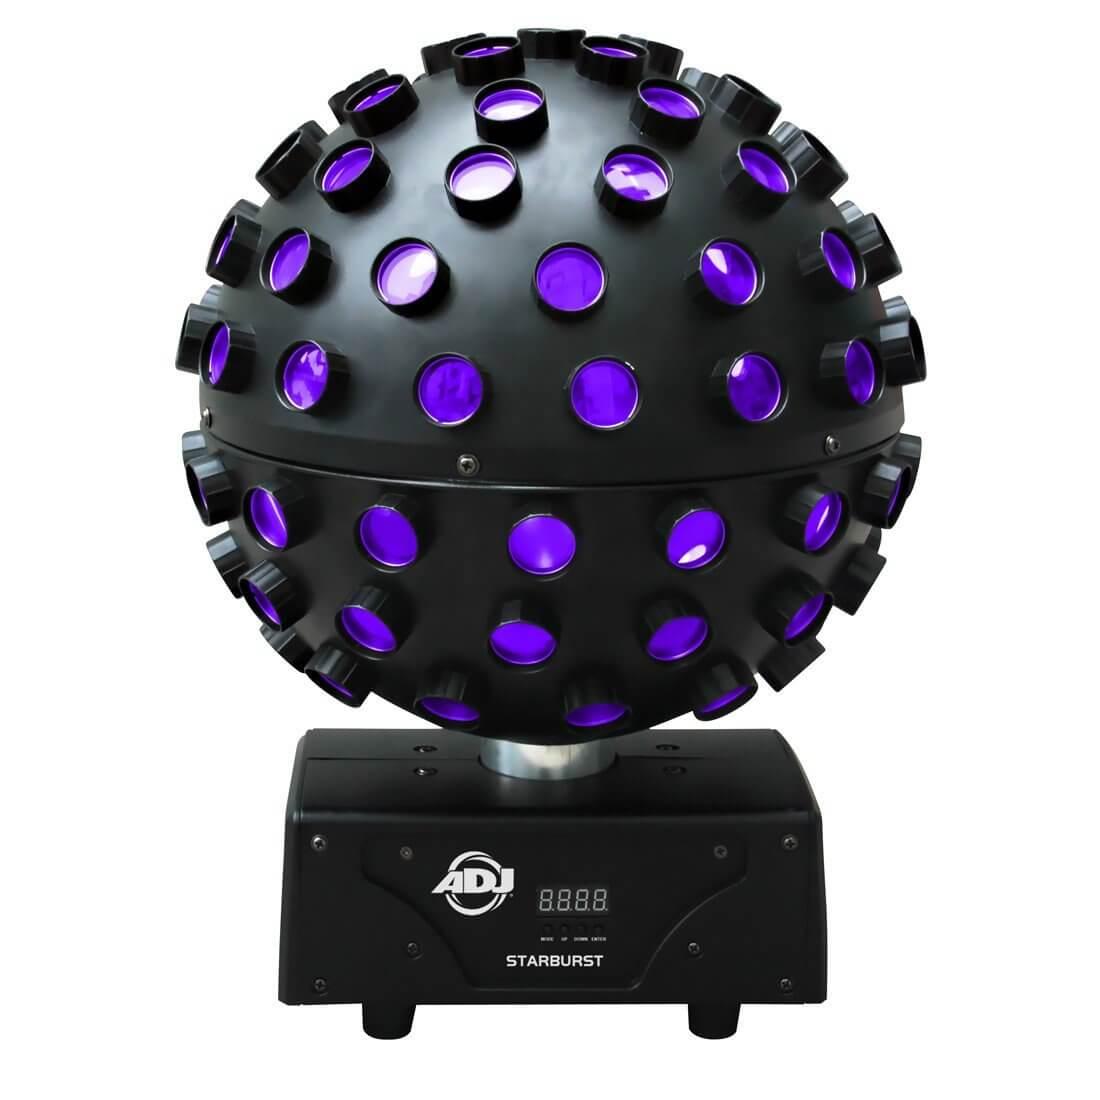 ADJ Starburst 5 x 15W RGBWAP LED Mirror Ball Effect